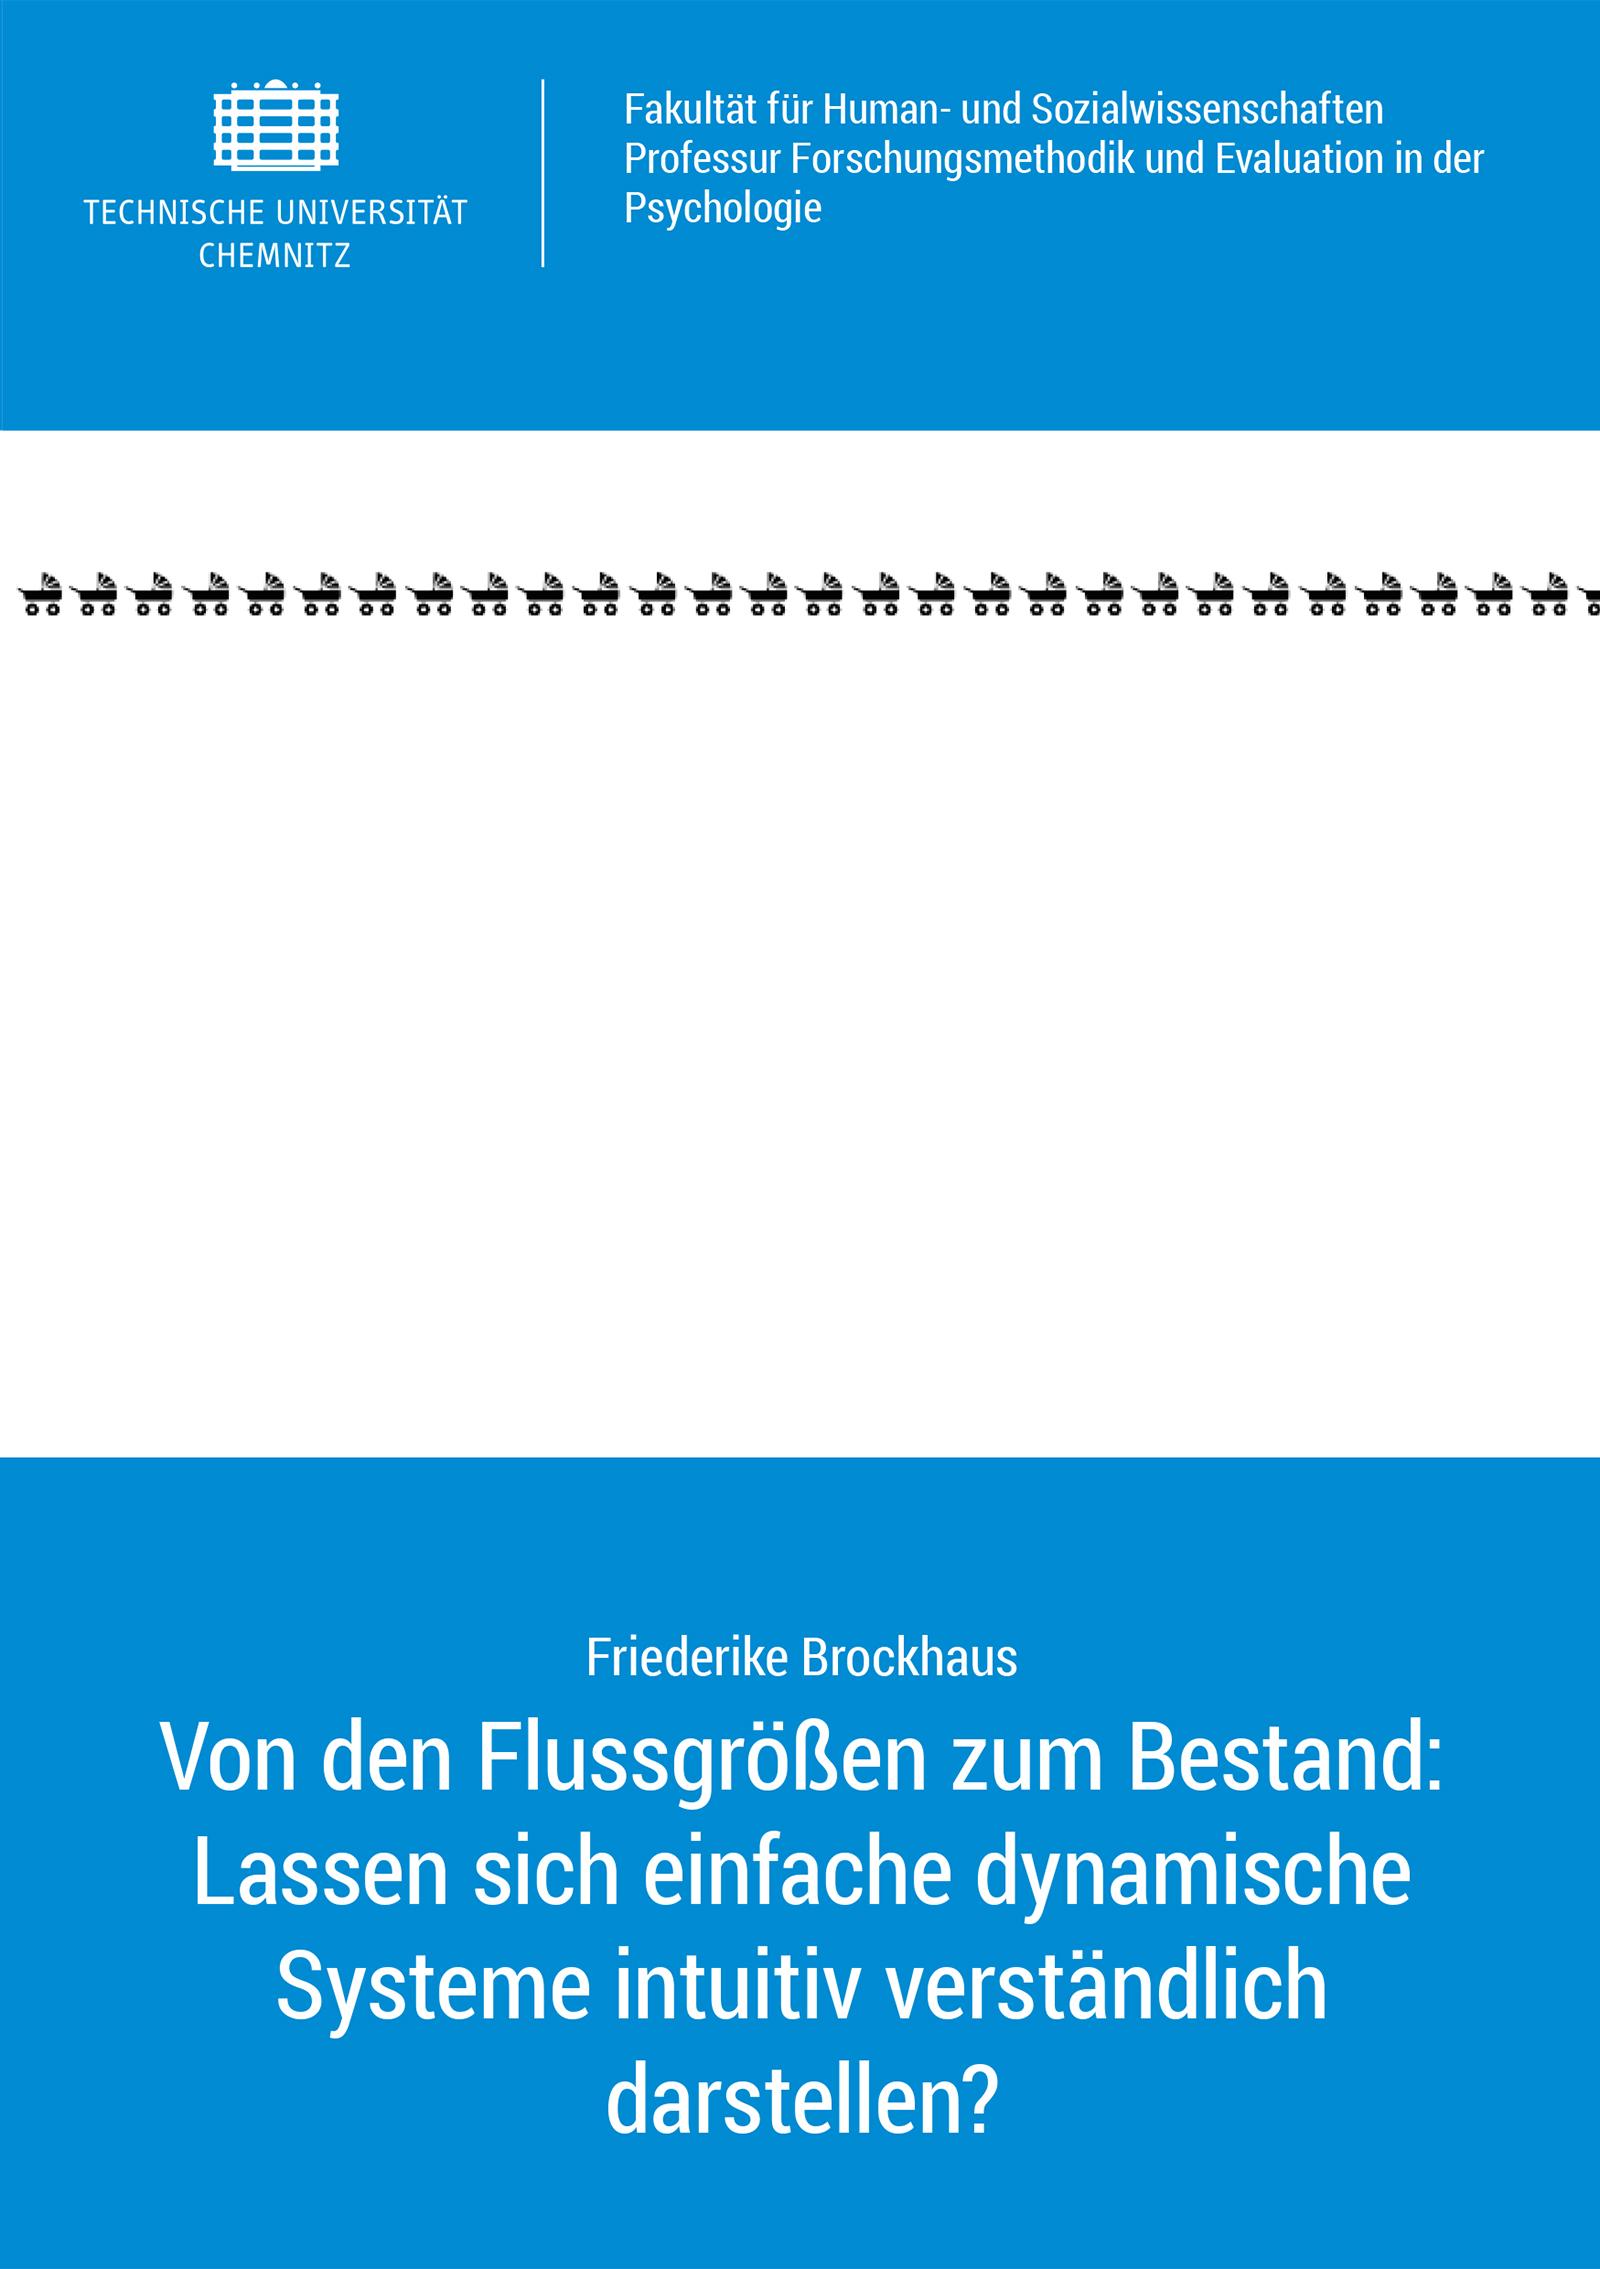 Cover: Von den Flussgrößen zum Bestand: Lassen sich einfache dynamische Systeme intuitiv verständlich darstellen?